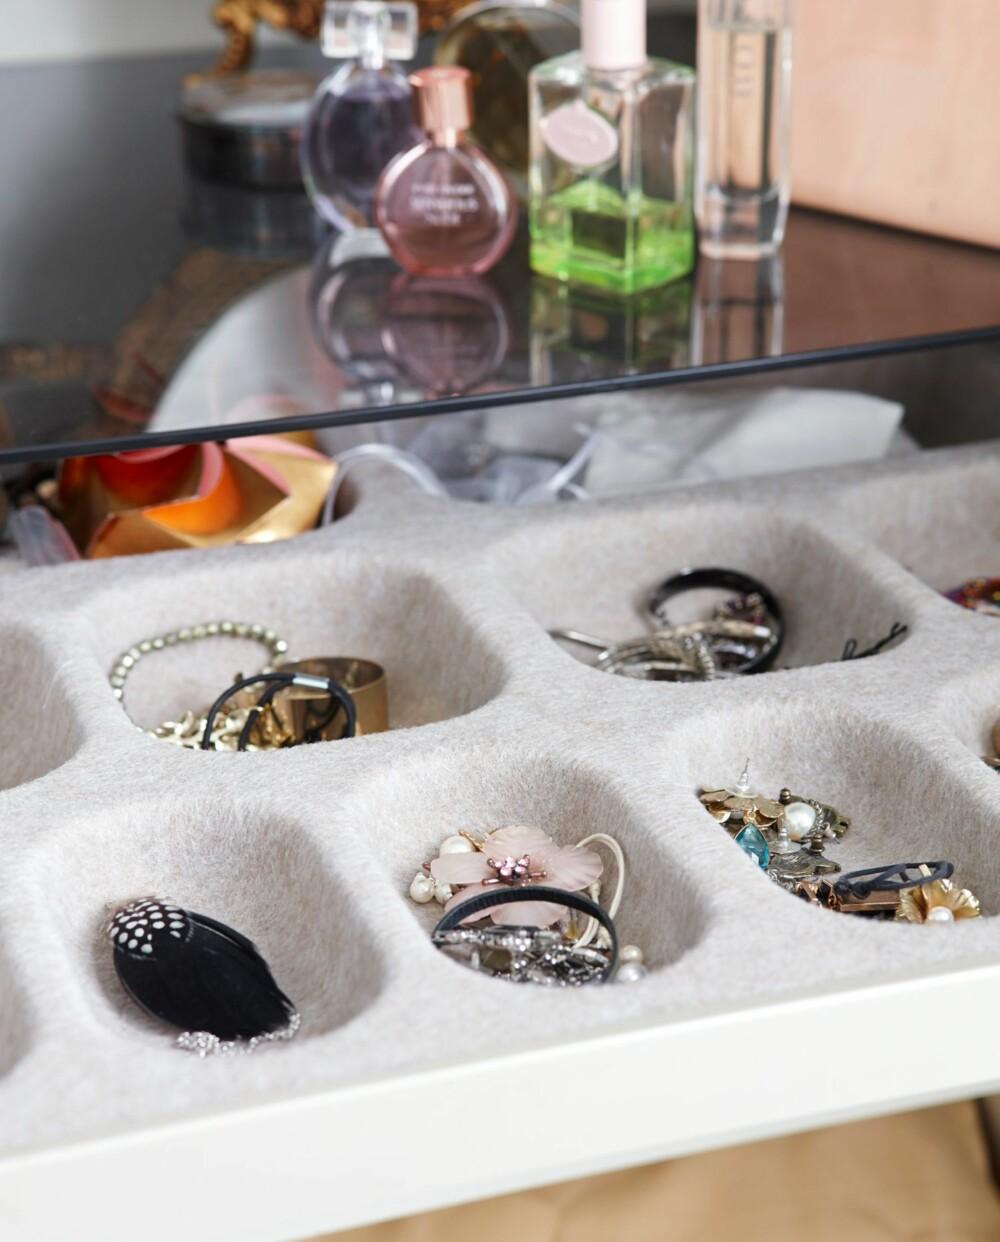 GOD OVERSIKT: Samle smykker i en egen smykkeskuff. Rydd opp og samle beslektede gjenstander sammen, så får du full oversikt.